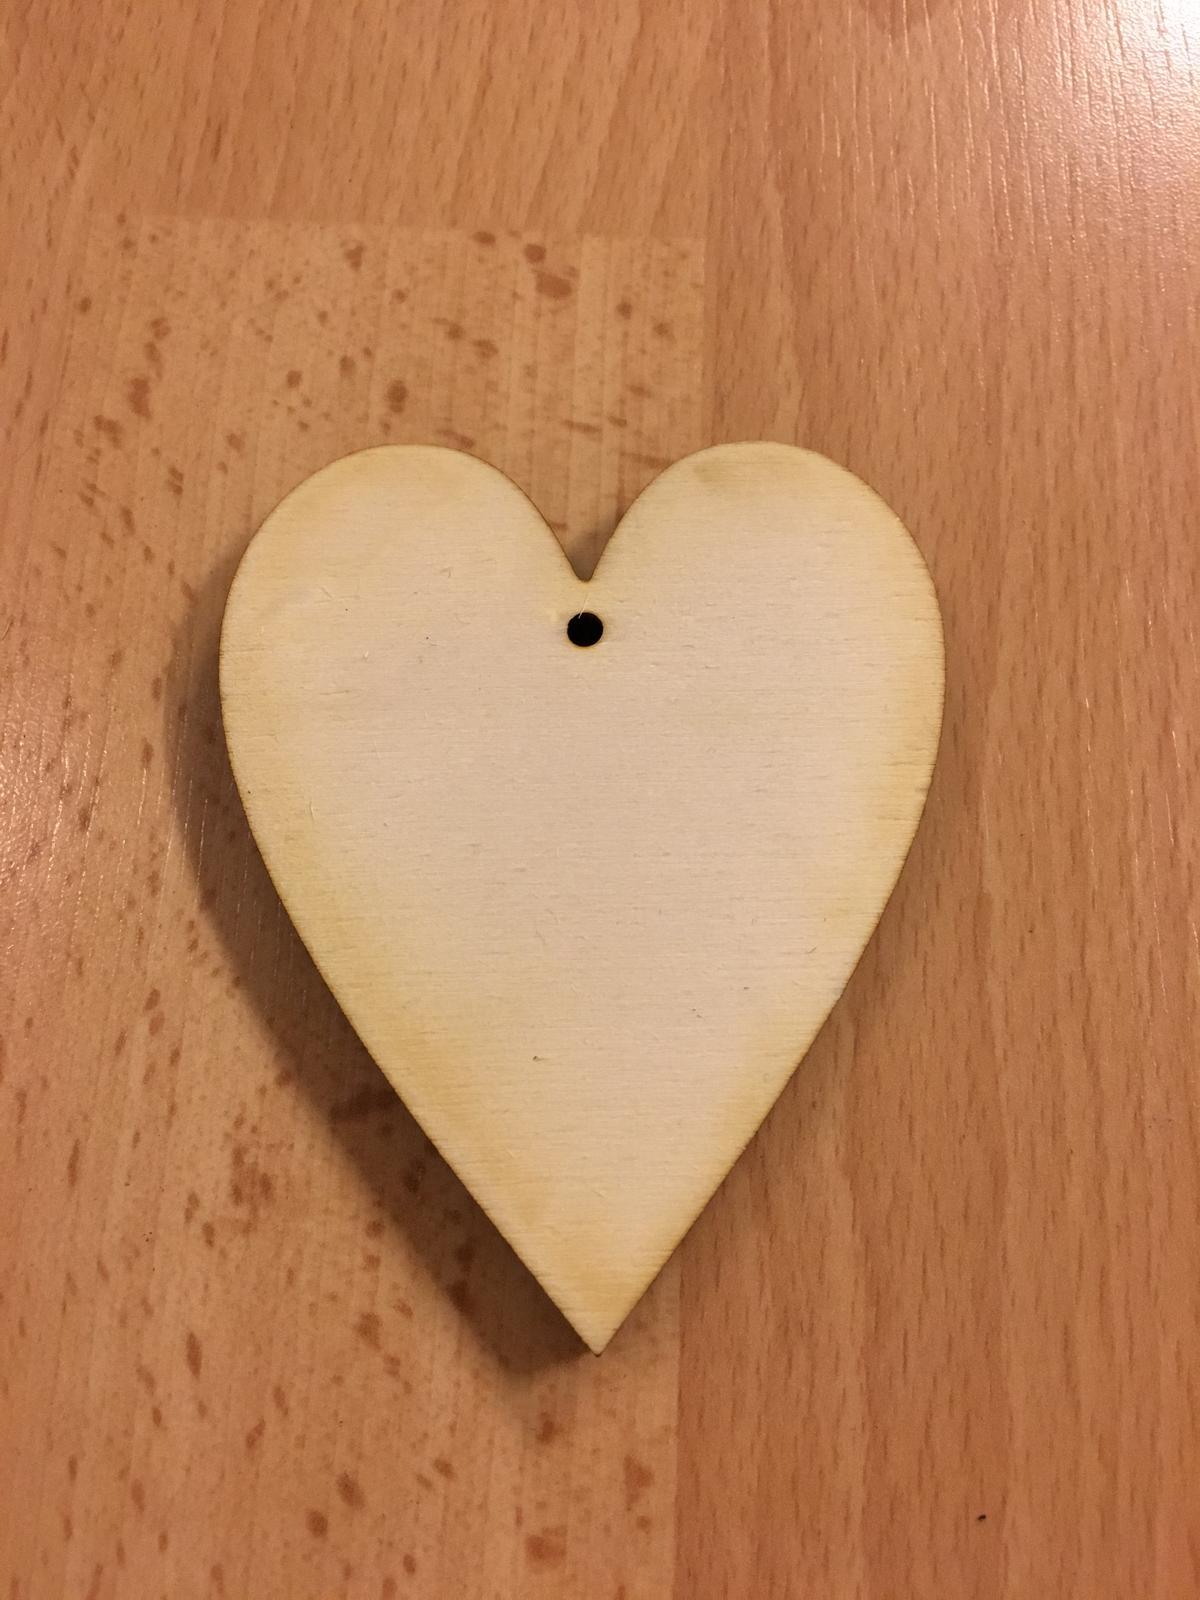 Dřevěná srdce s dirkou 8 cm - Obrázek č. 1